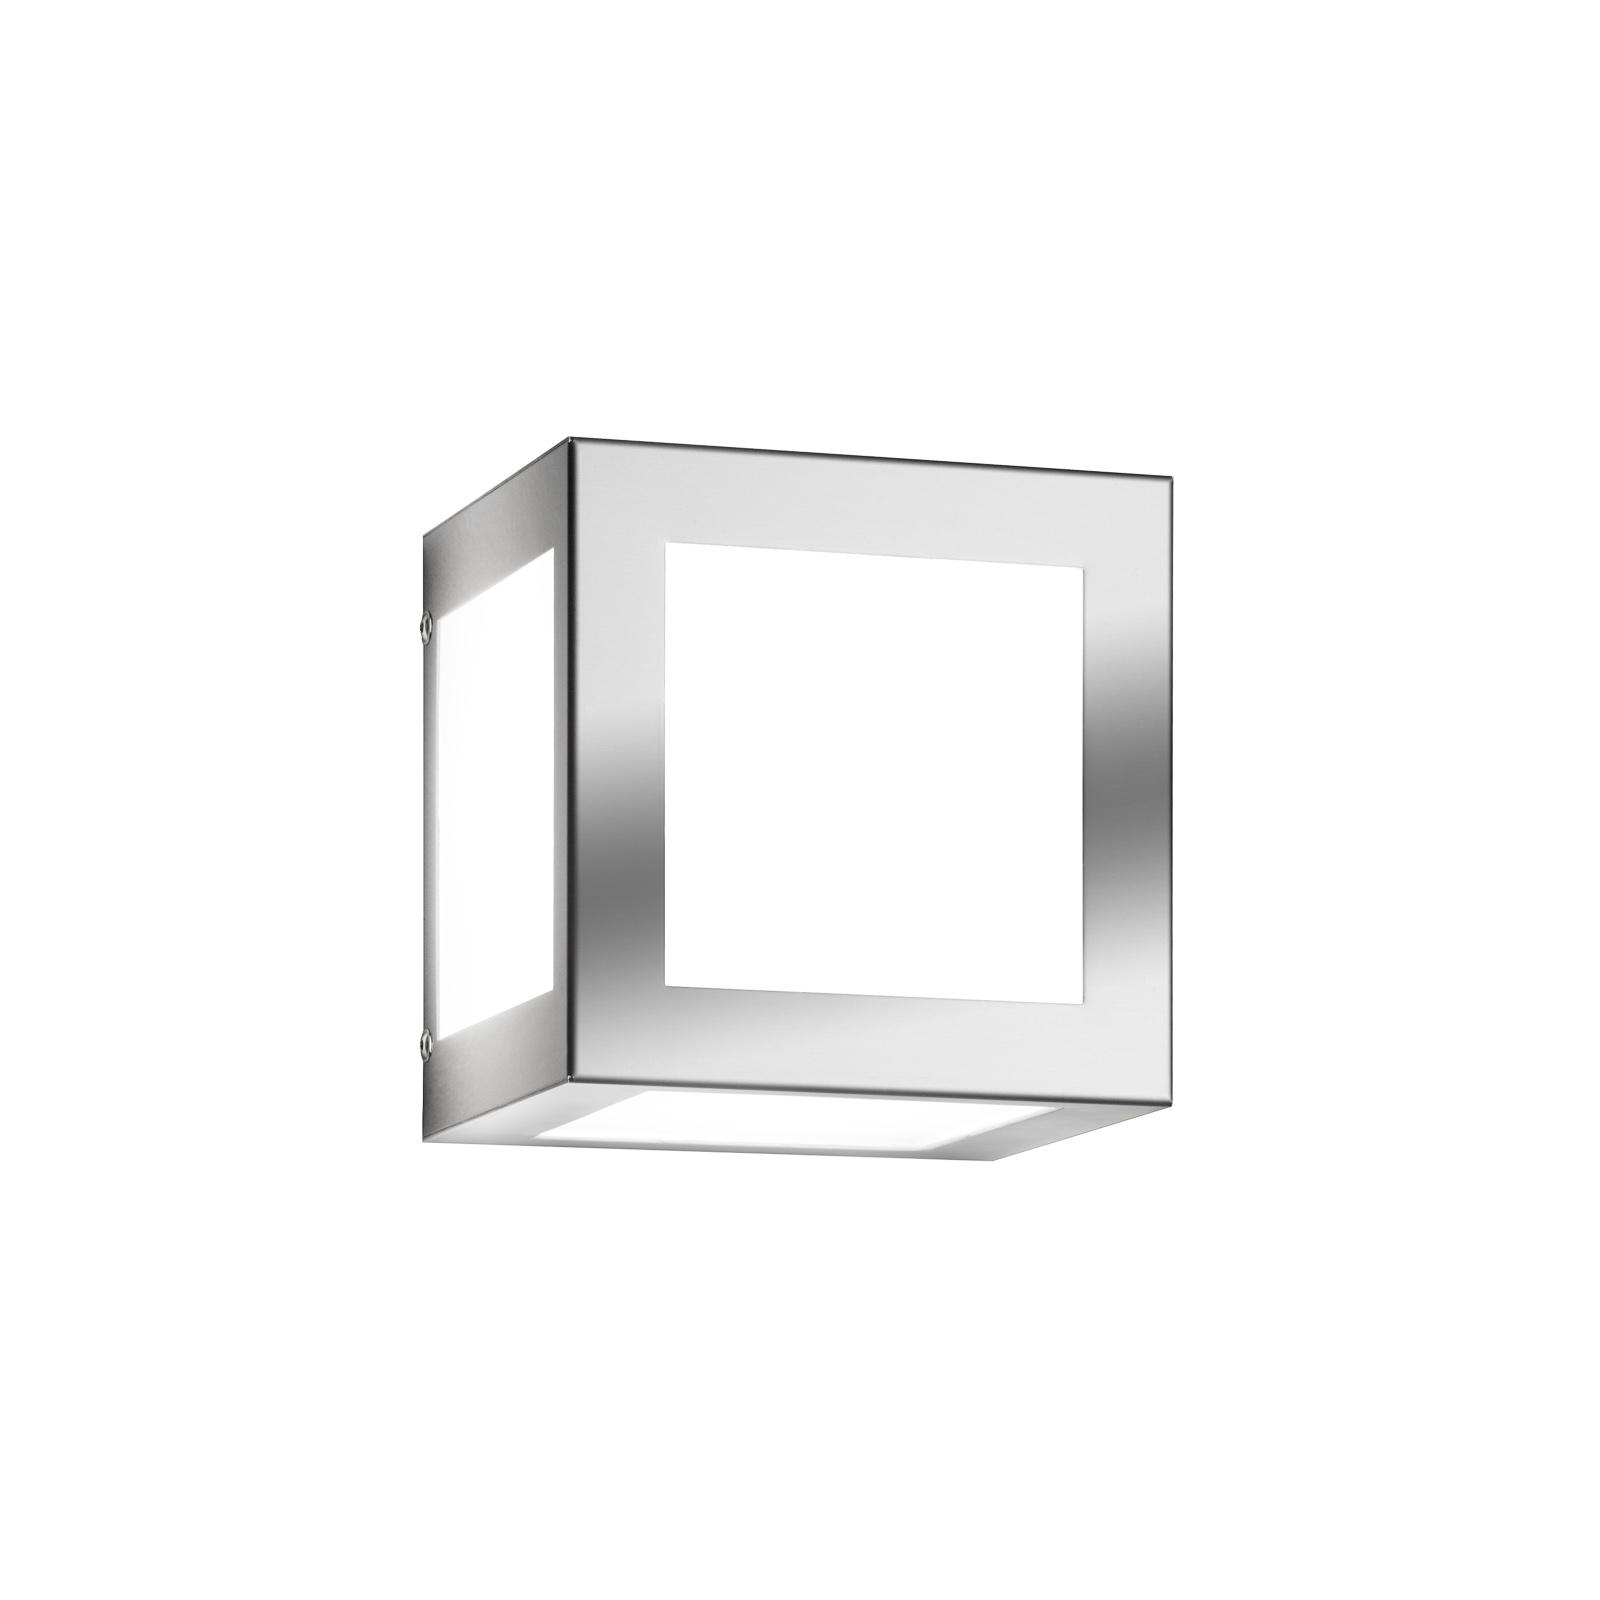 Applique d'extérieur Cubo cubique, acier inox mat